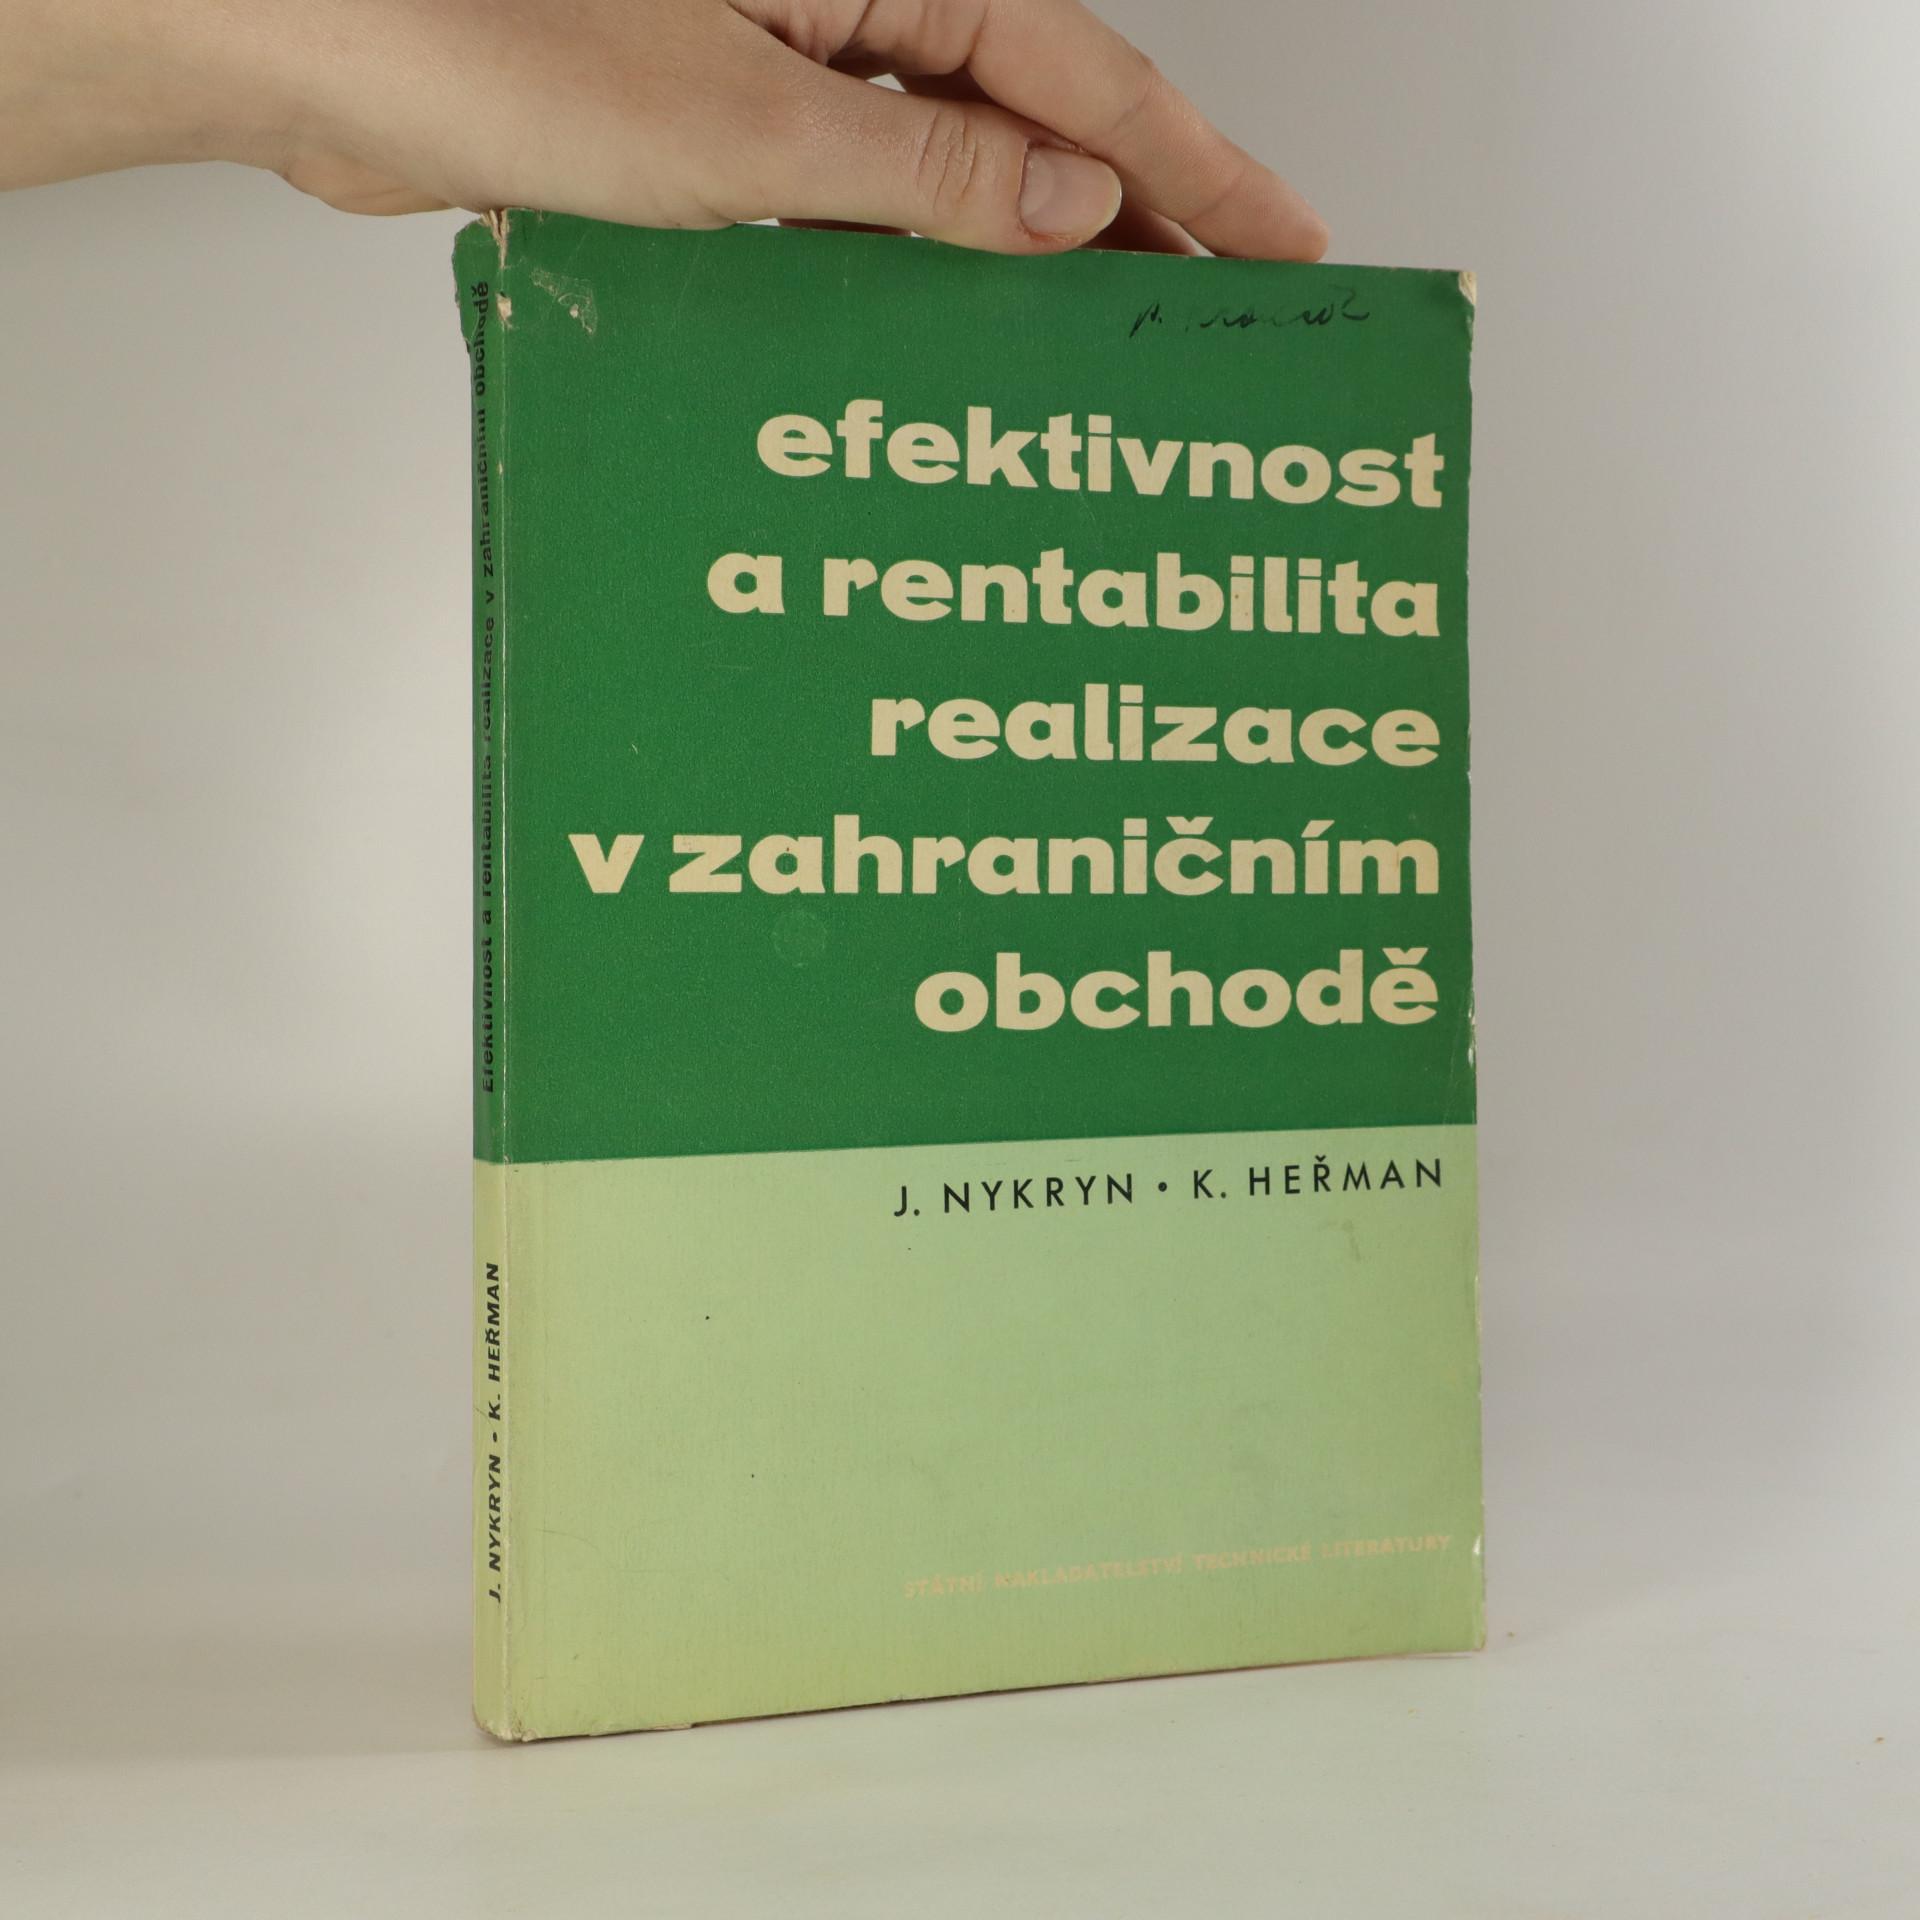 antikvární kniha Efektivnost a rentabilita realizace v zahraničním obchodě, 1962